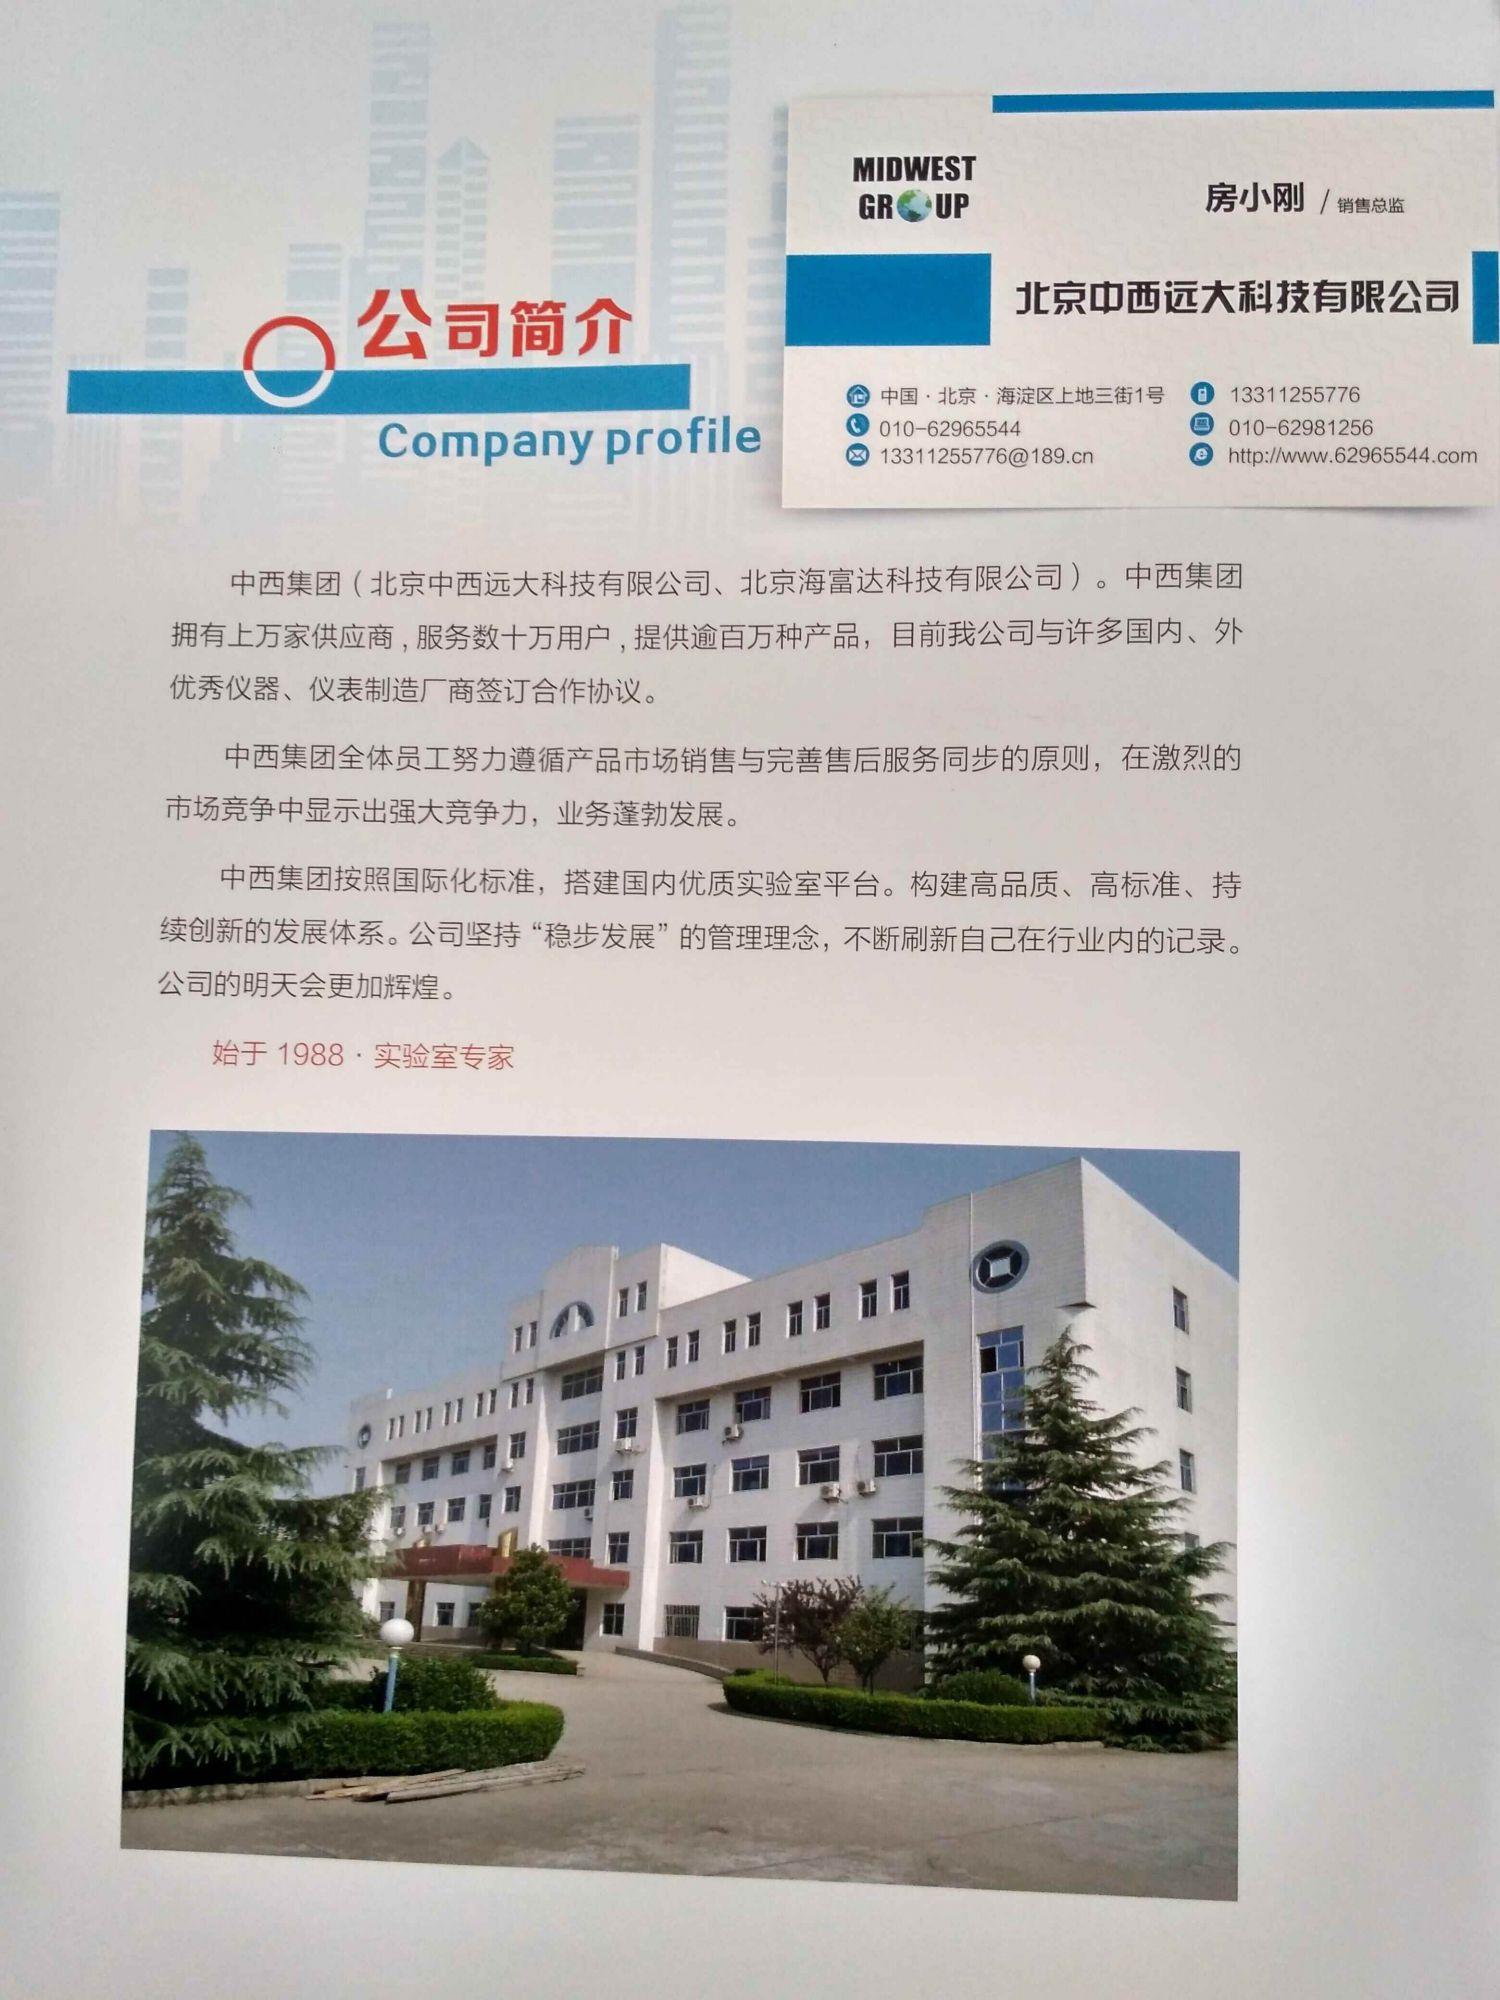 北京中西远大科技有限公司